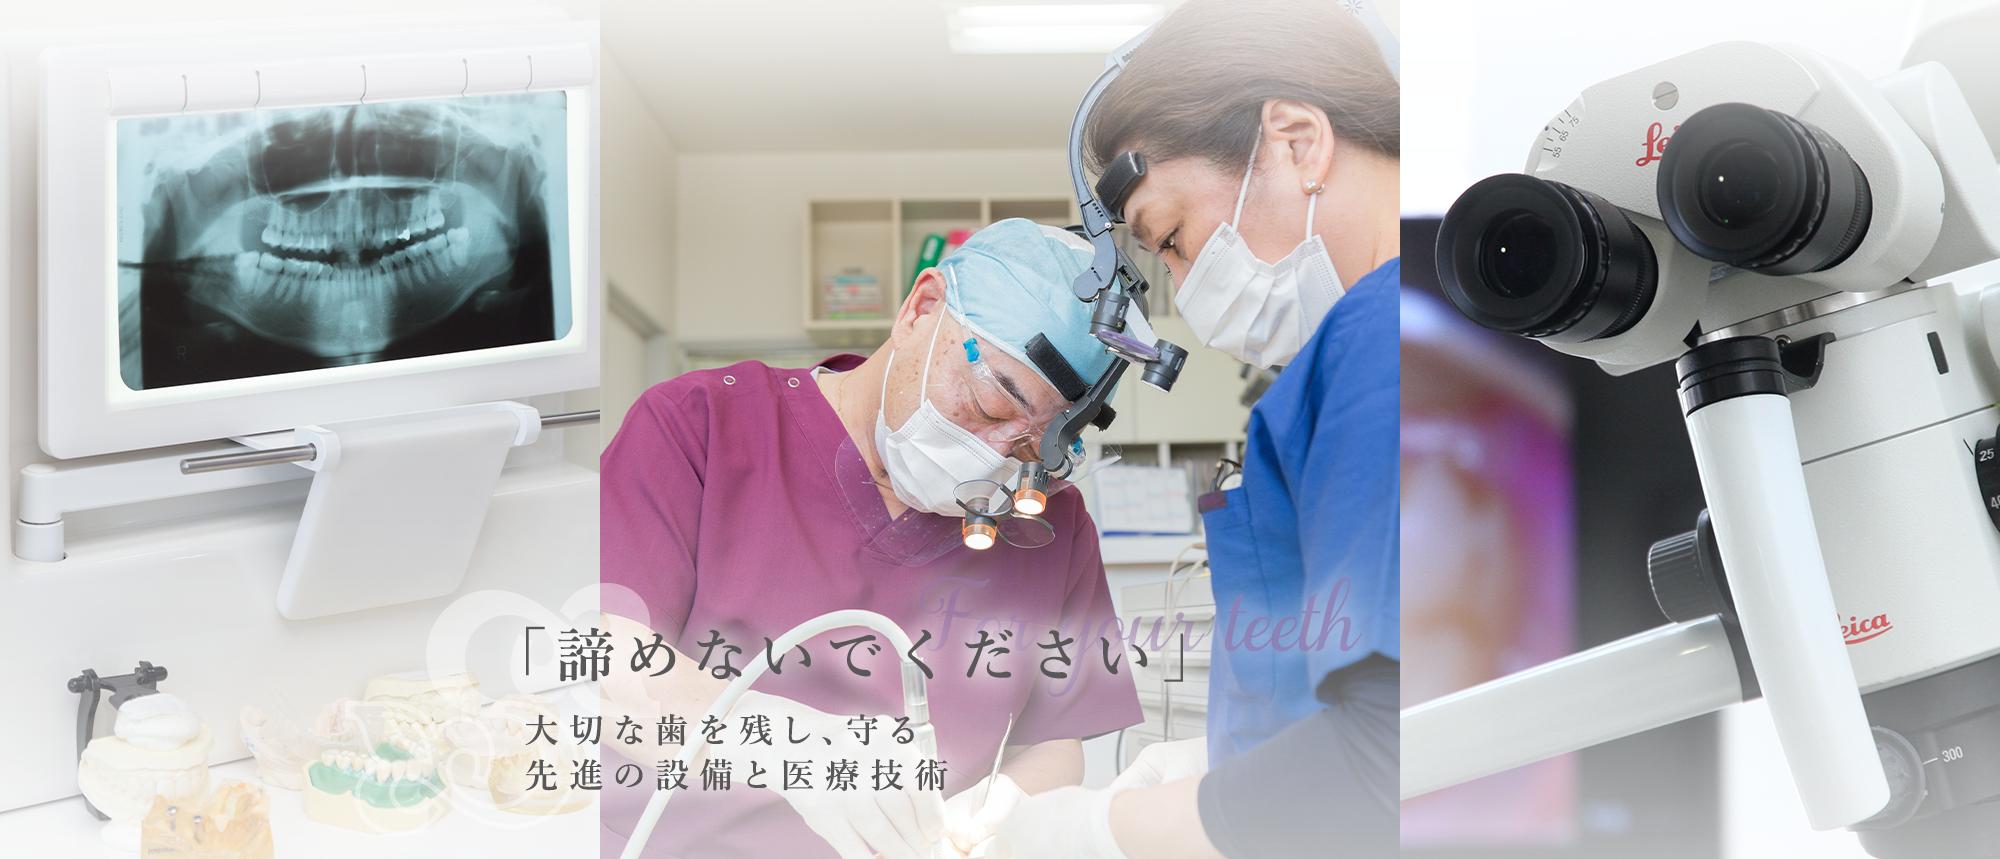 「諦めないでください」大切な歯を残し、守る先進の設備と医療技術